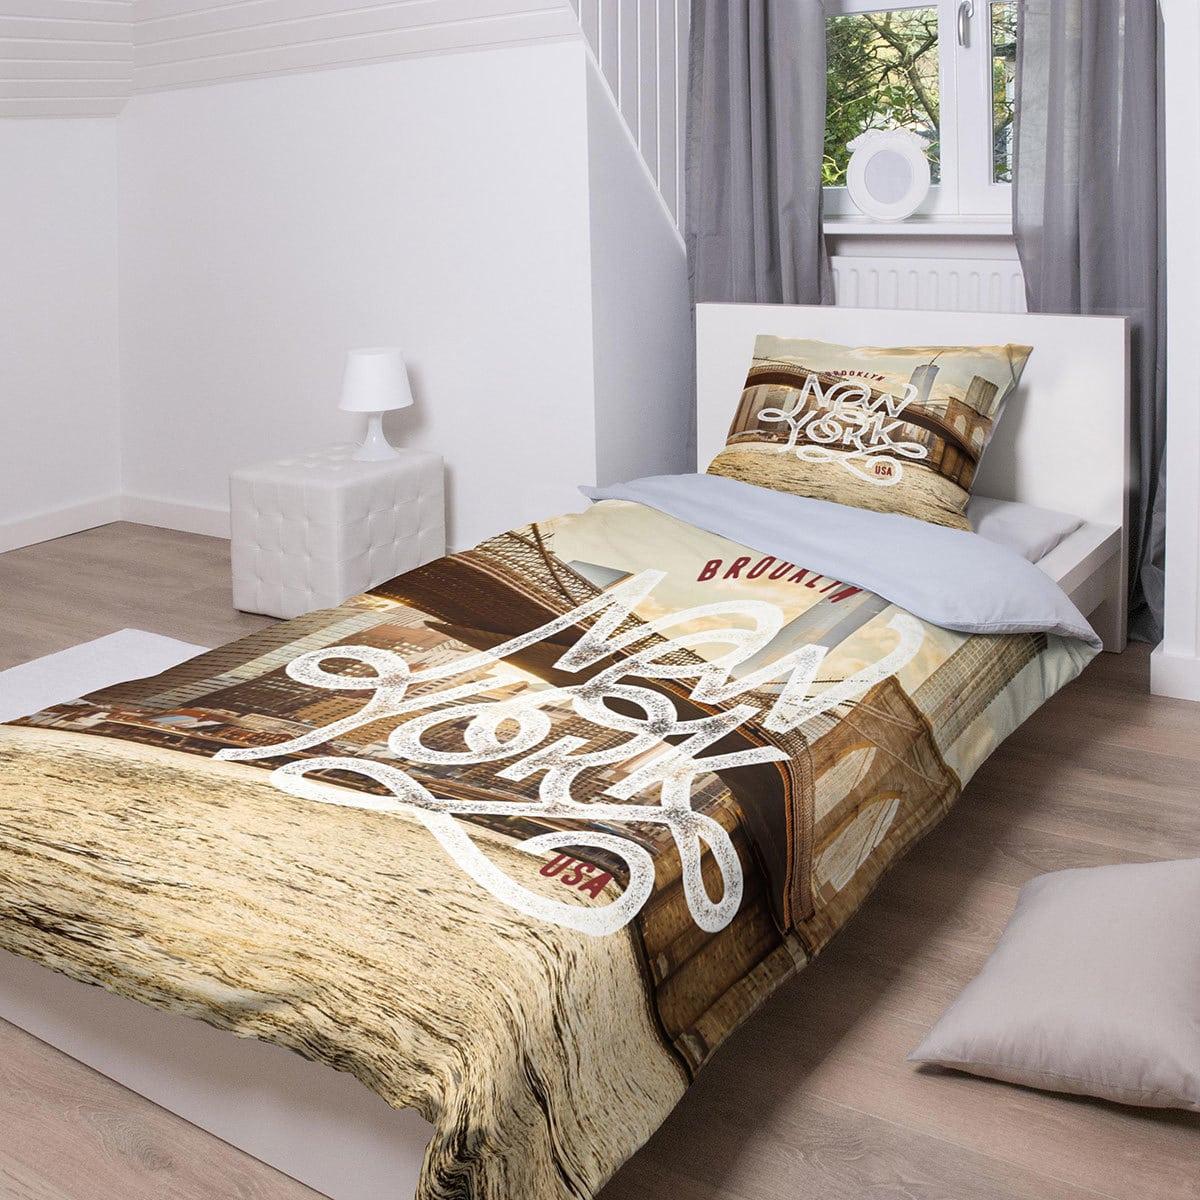 traumschlaf bettw sche brooklyn bridge g nstig online kaufen bei bettwaren shop. Black Bedroom Furniture Sets. Home Design Ideas